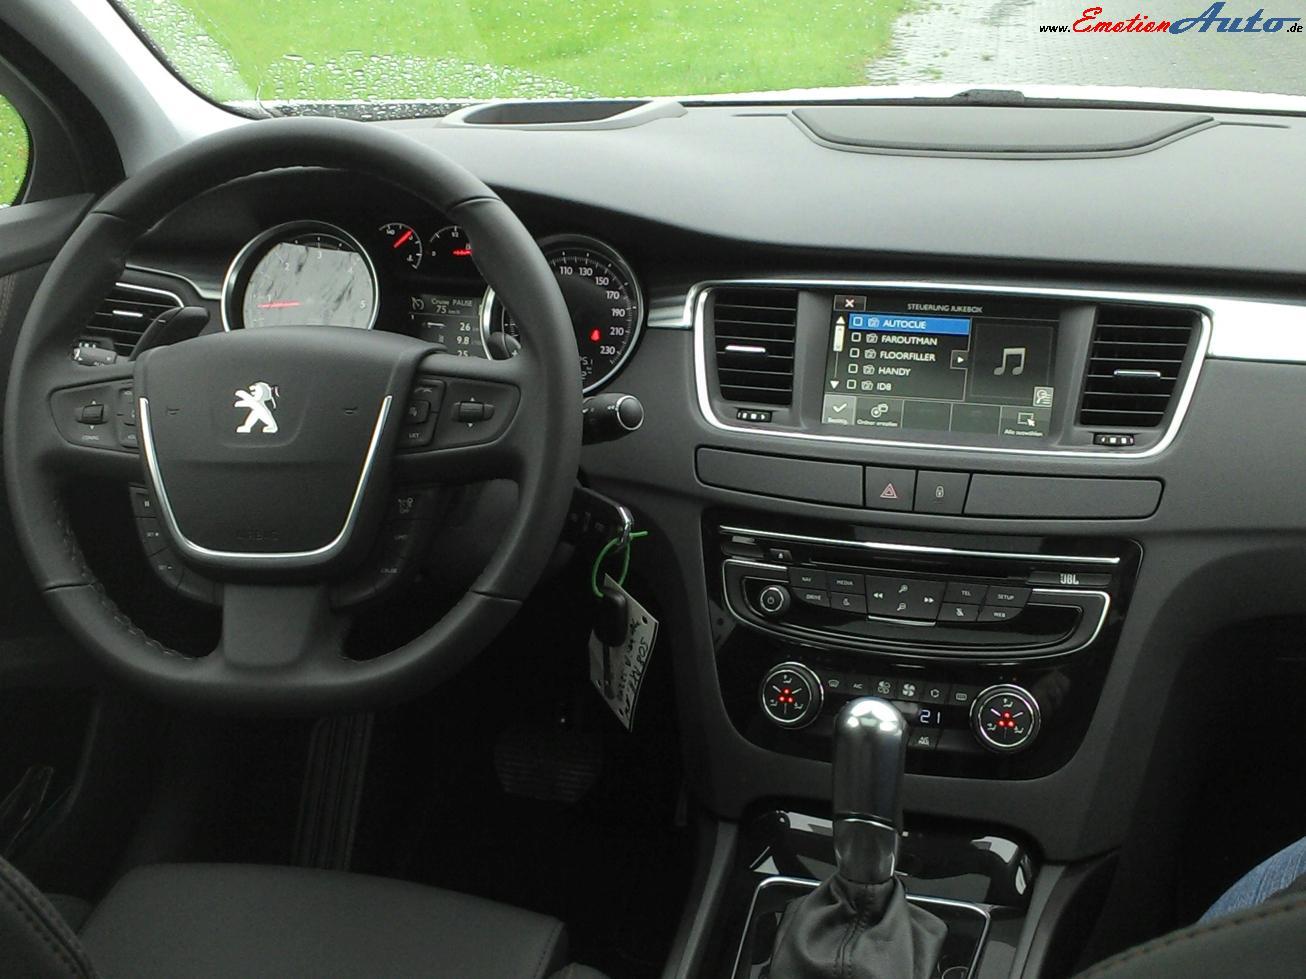 Peugeot 508 RXH: Ein Crossover-Kombi mit hohem Wohlfühlfaktor ...